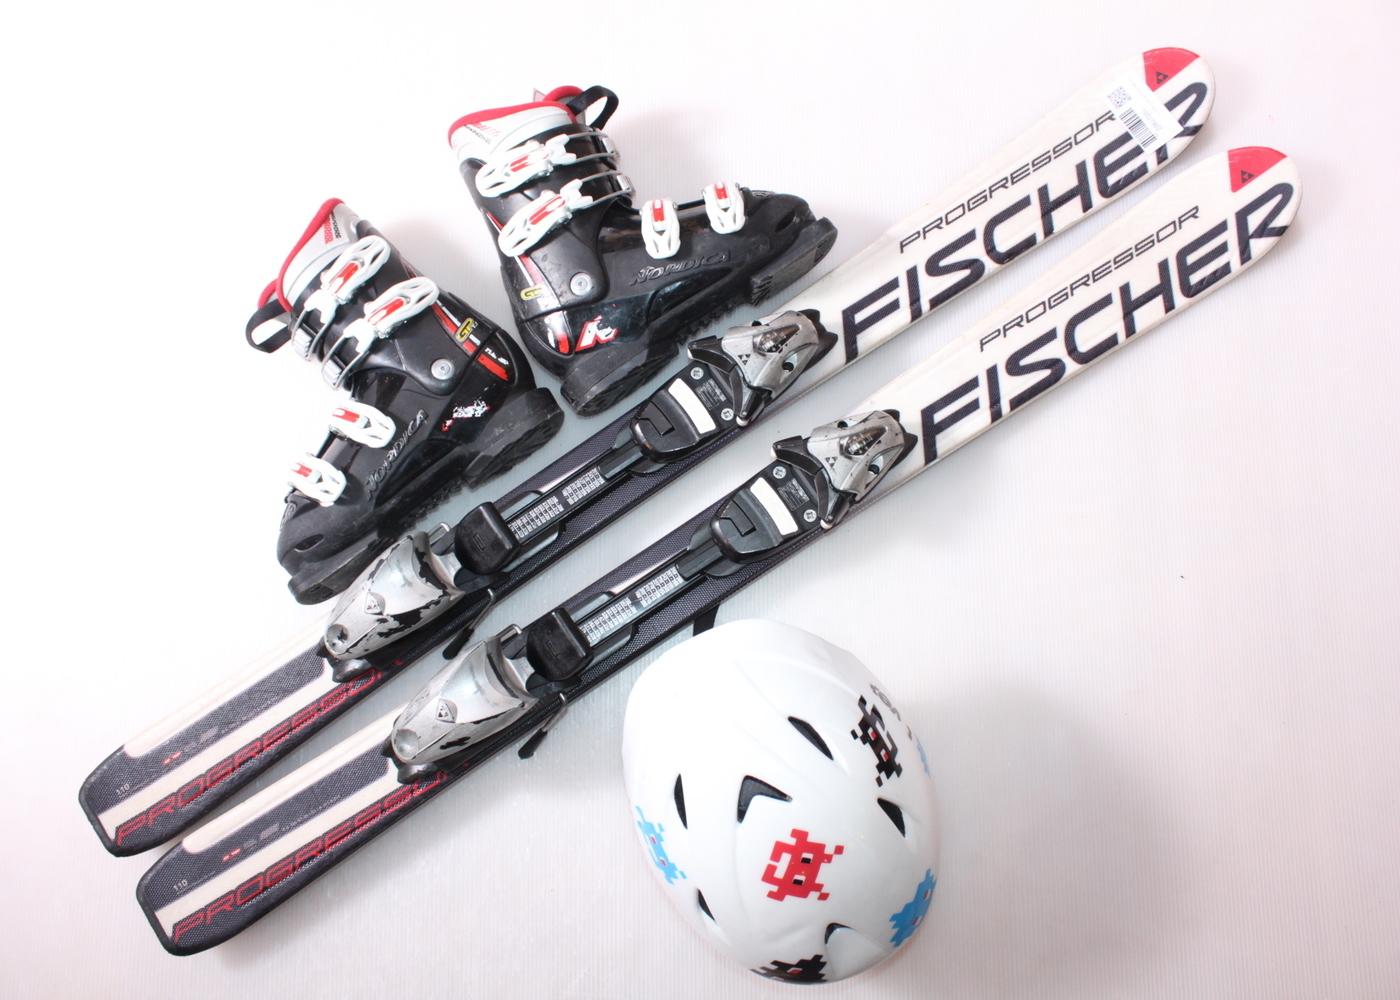 Dětské lyže FISCHER PROGRESOR 110 cm + lyžáky  33EU + helma